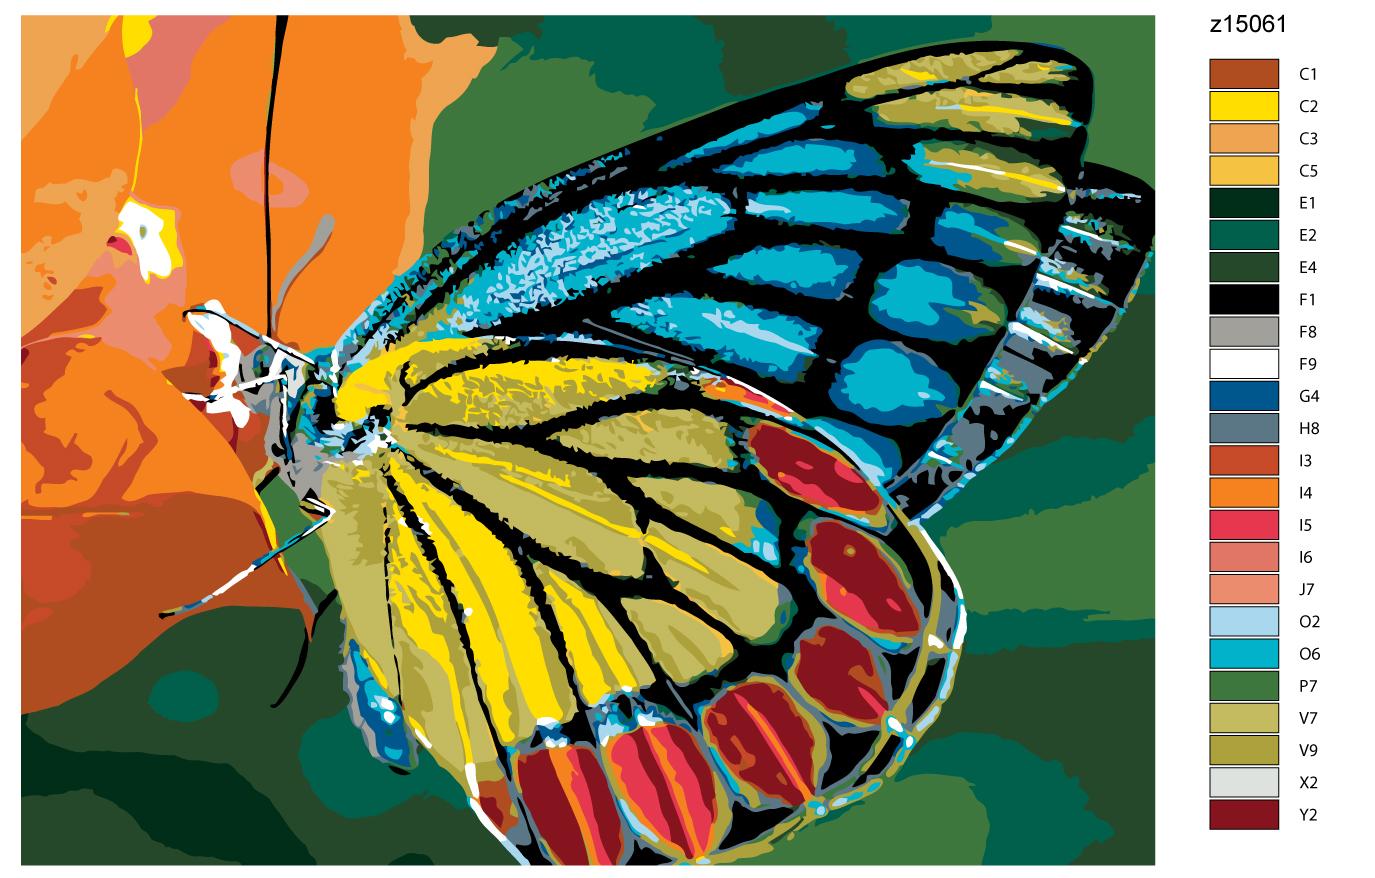 Картина по номерам Живопись по номерам Z-z15061Z-z15061Количество красок от 18 до 24. Картина раскрашивается без смешивания красок. Высококачественные акриловые краски собственного производства сделают вашу картину яркой и уникальной. Все необходимые материалы есть в комплекте: натуральный хлопковый холст, натянутый на деревянный подрамник, баночки с акриловыми красками на водной основе, 3 кисти из качественного нейлона, схема раскрашивания, инструкция. Просто закрашивайте участки красками с соответствующим номером.